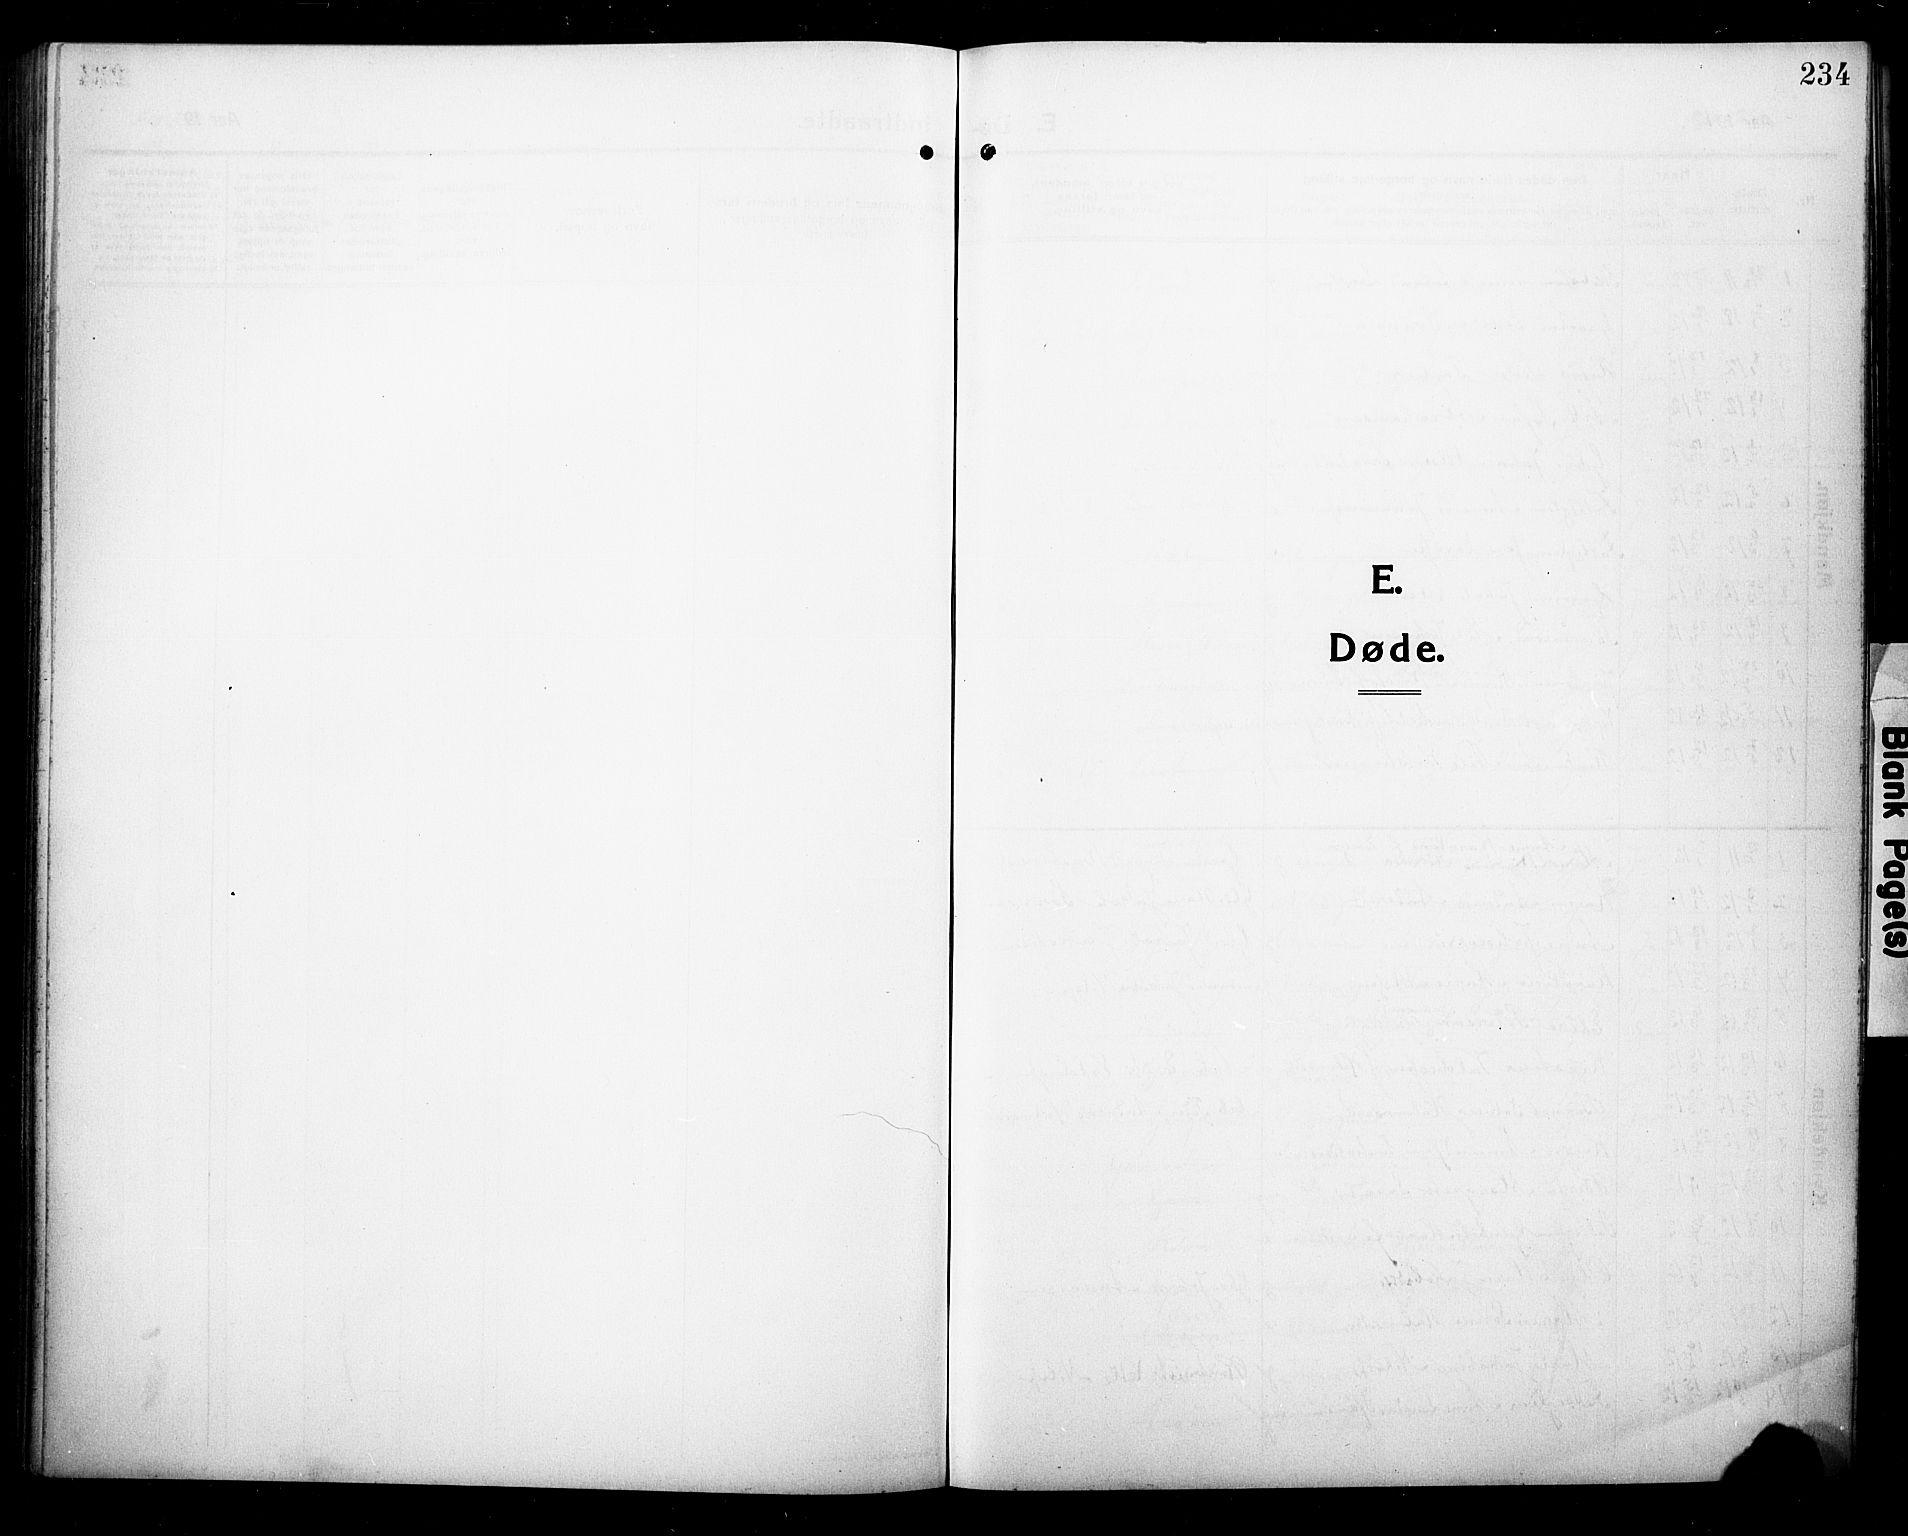 SAKO, Eidanger kirkebøker, G/Ga/L0004: Klokkerbok nr. 4, 1912-1927, s. 234